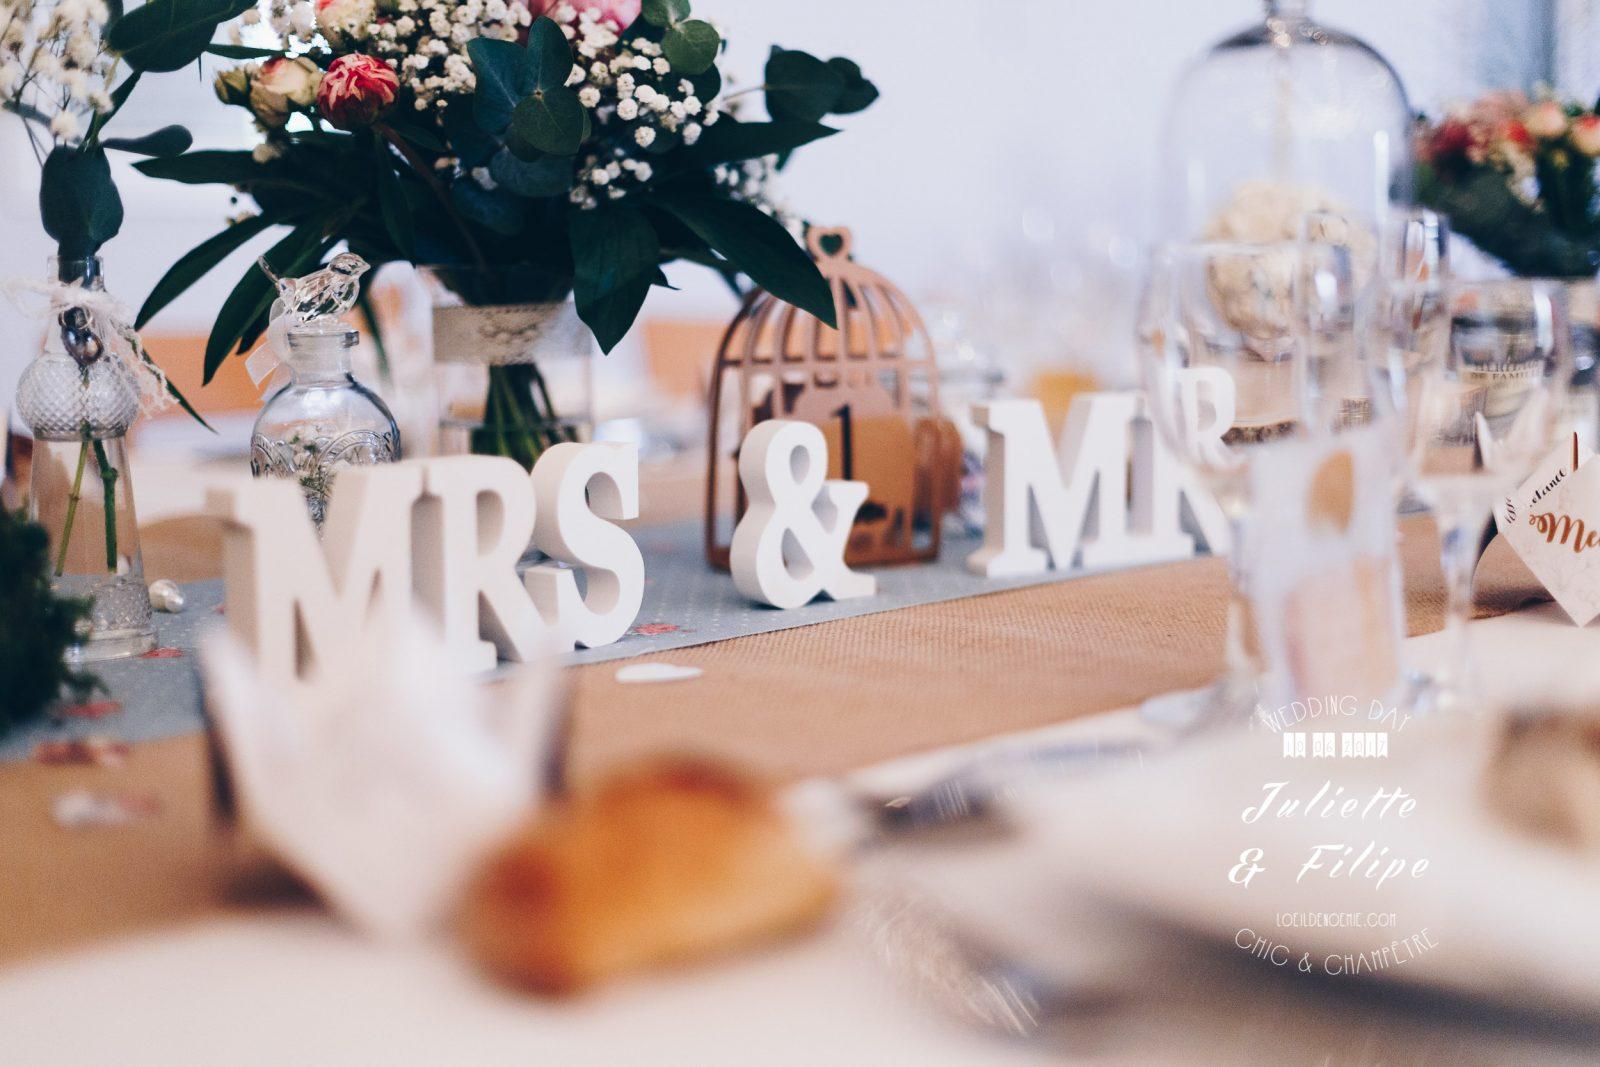 photo de mariage chic et champêtre par L'oeil de Noémie, élue meilleur photographe de mariage en Auvergne en 2017